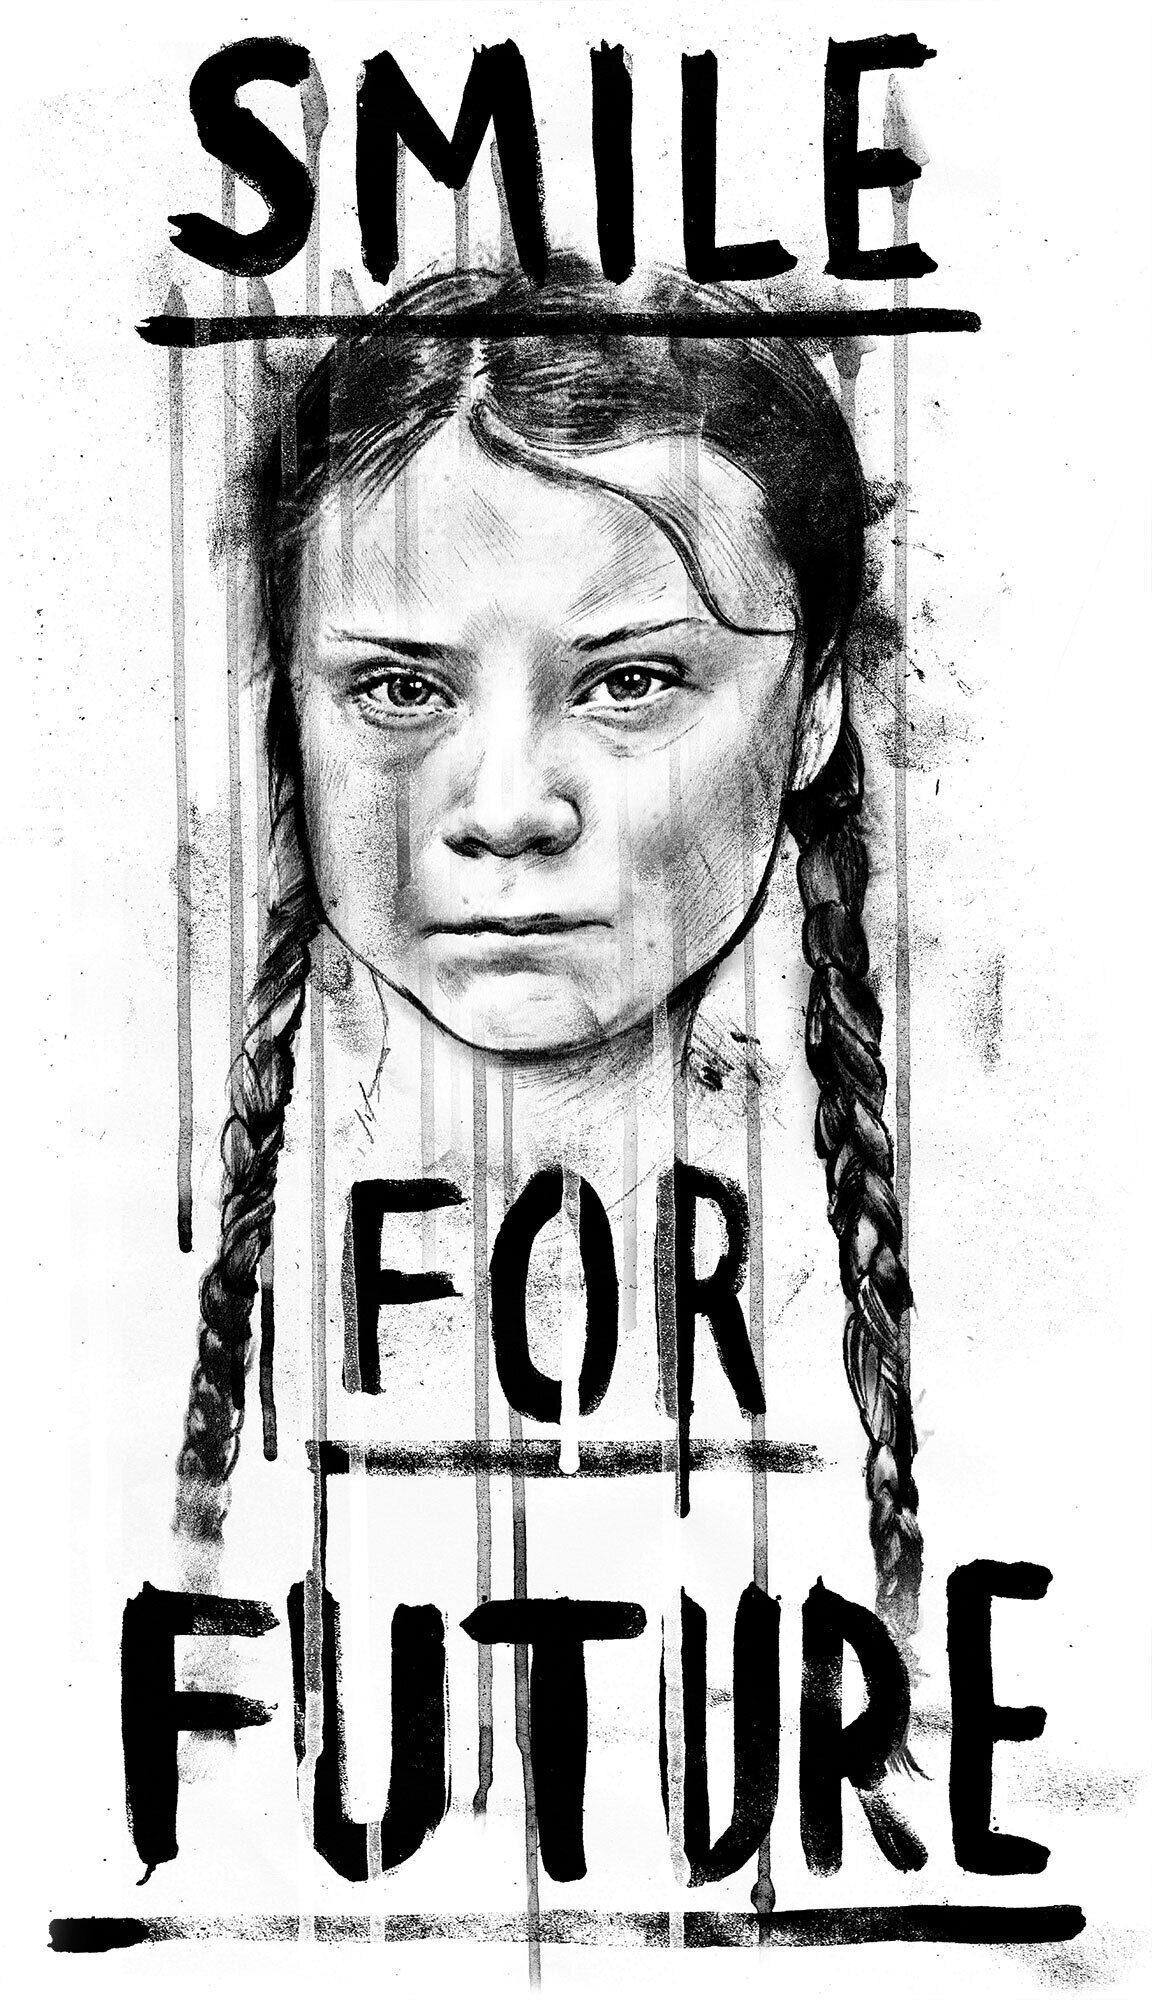 Smile for future greta thunberg illustration - Kornel Illustration | Kornel Stadler portfolio